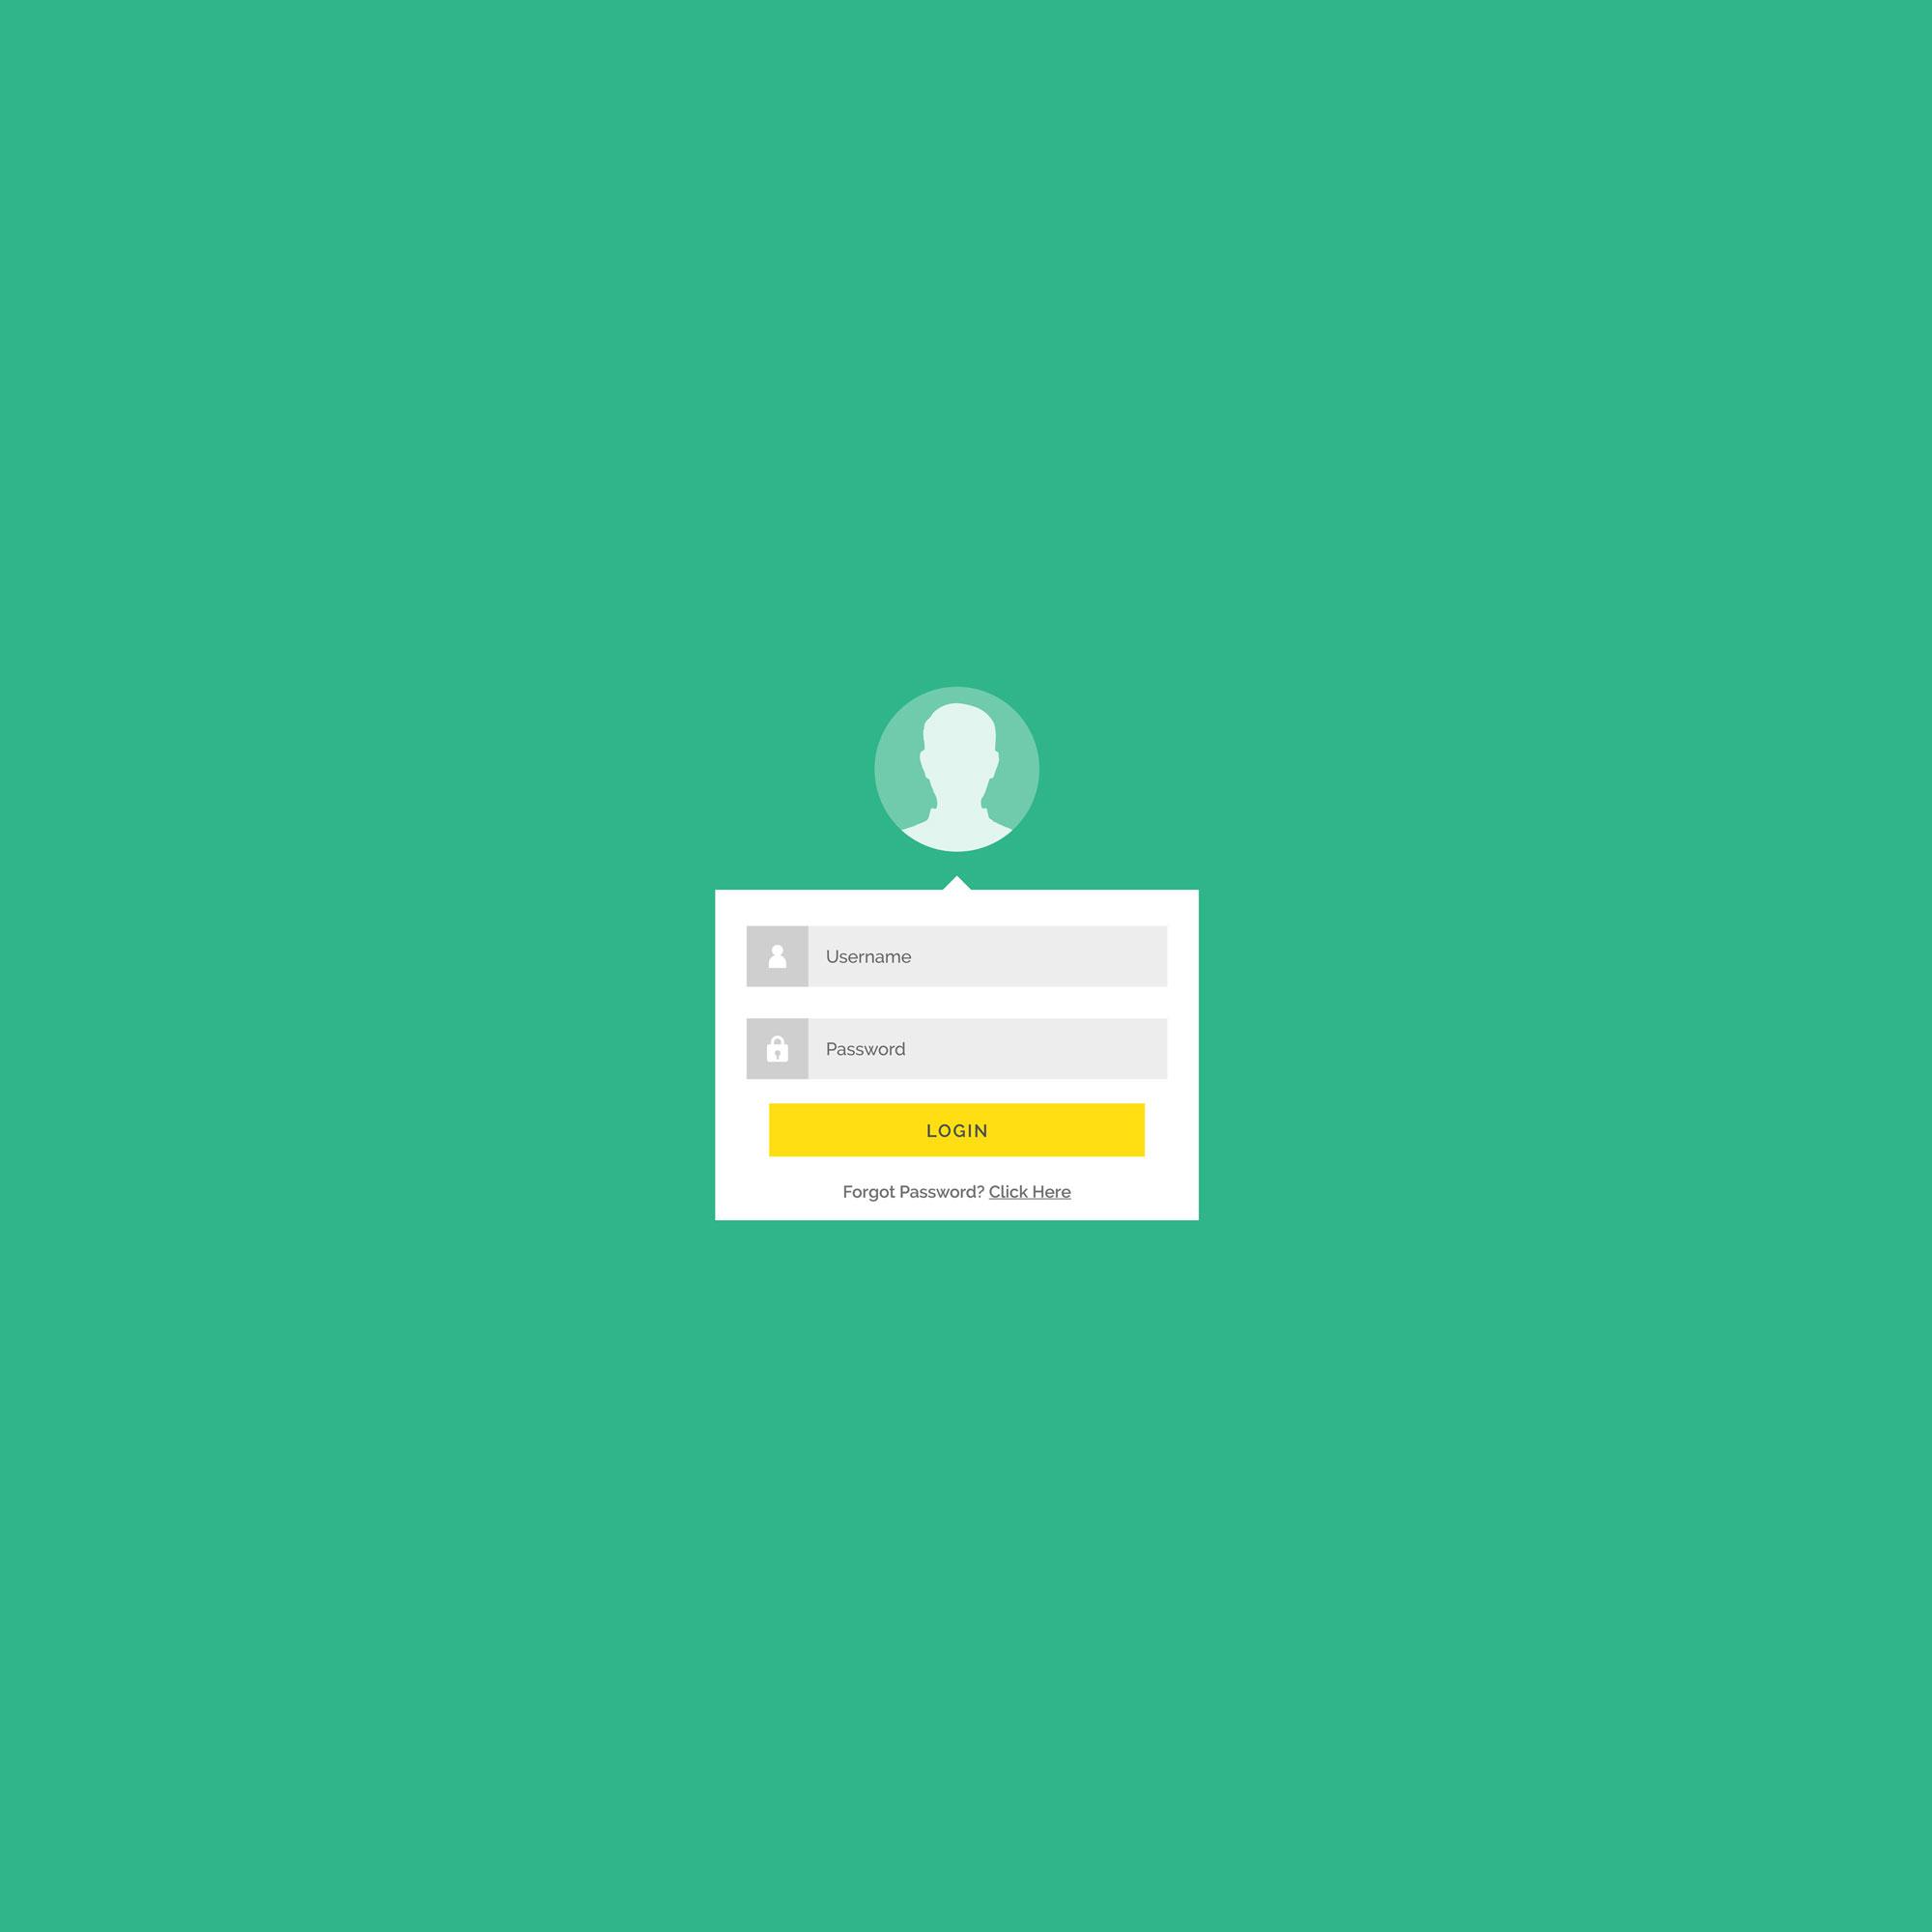 ربات اینستاگرام – افزایش فالوور اینستاگرام